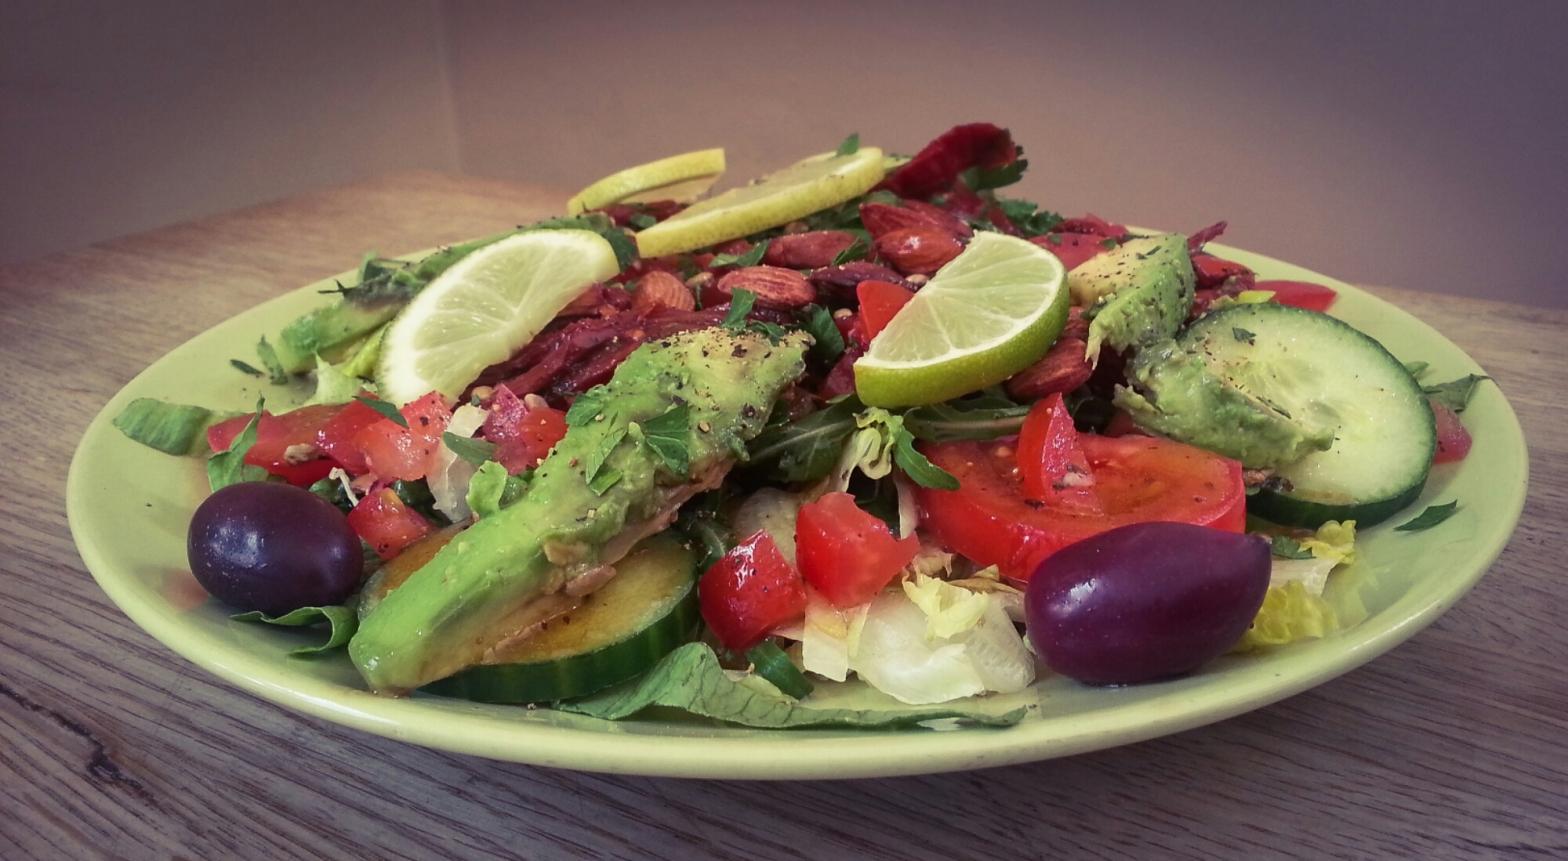 Vegansk sallad med avokado, rostade mandlar och röda bönor på grekiska lunch restaurangen Farbror Nikos på Södermalm